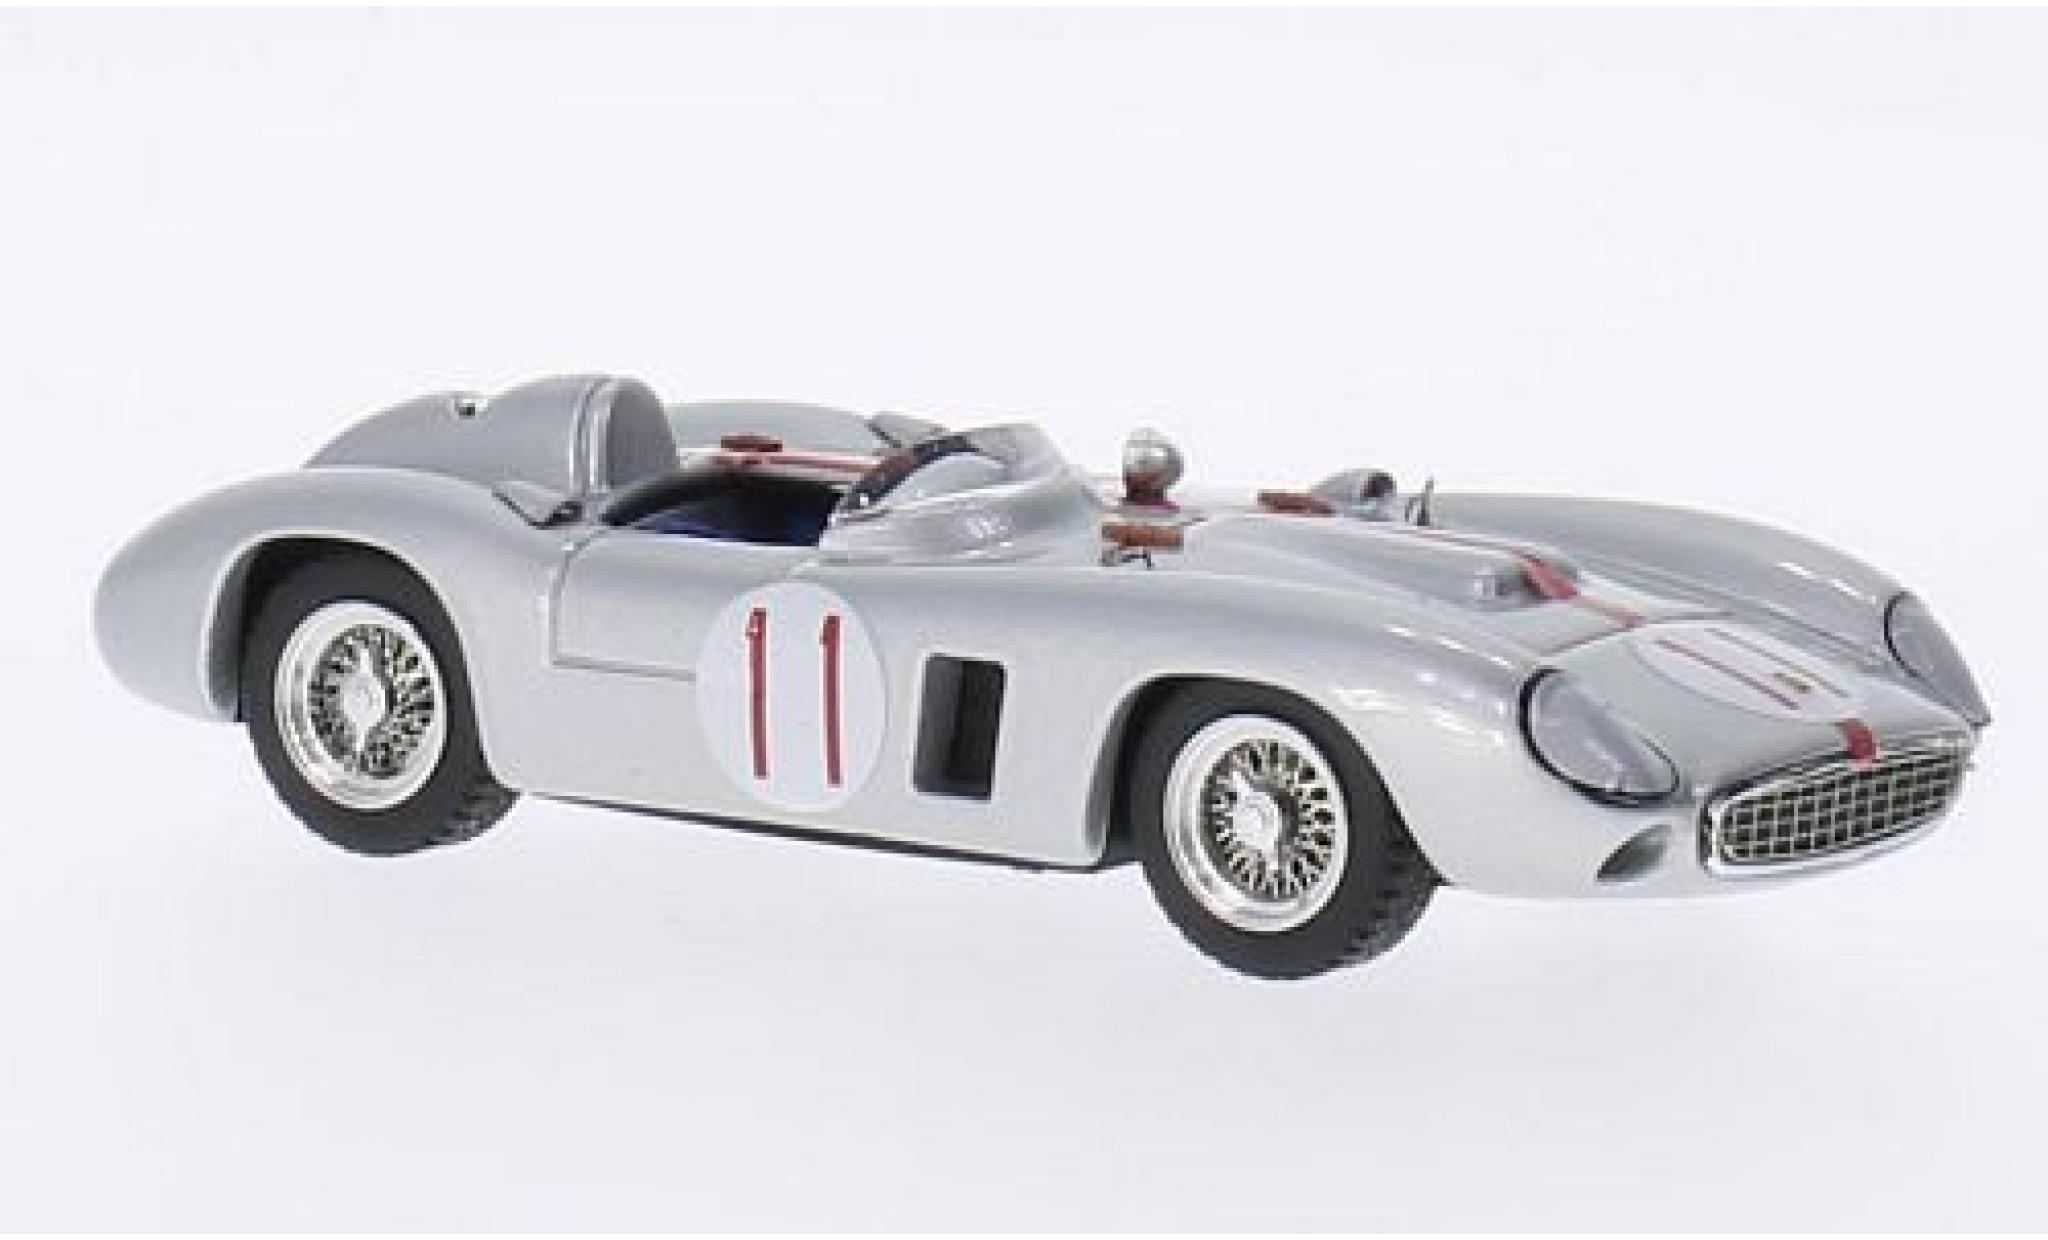 Ferrari 860 1/43 Art Model Monza Spider RHD No.11 Santa Maria 1956 J.von Neumann